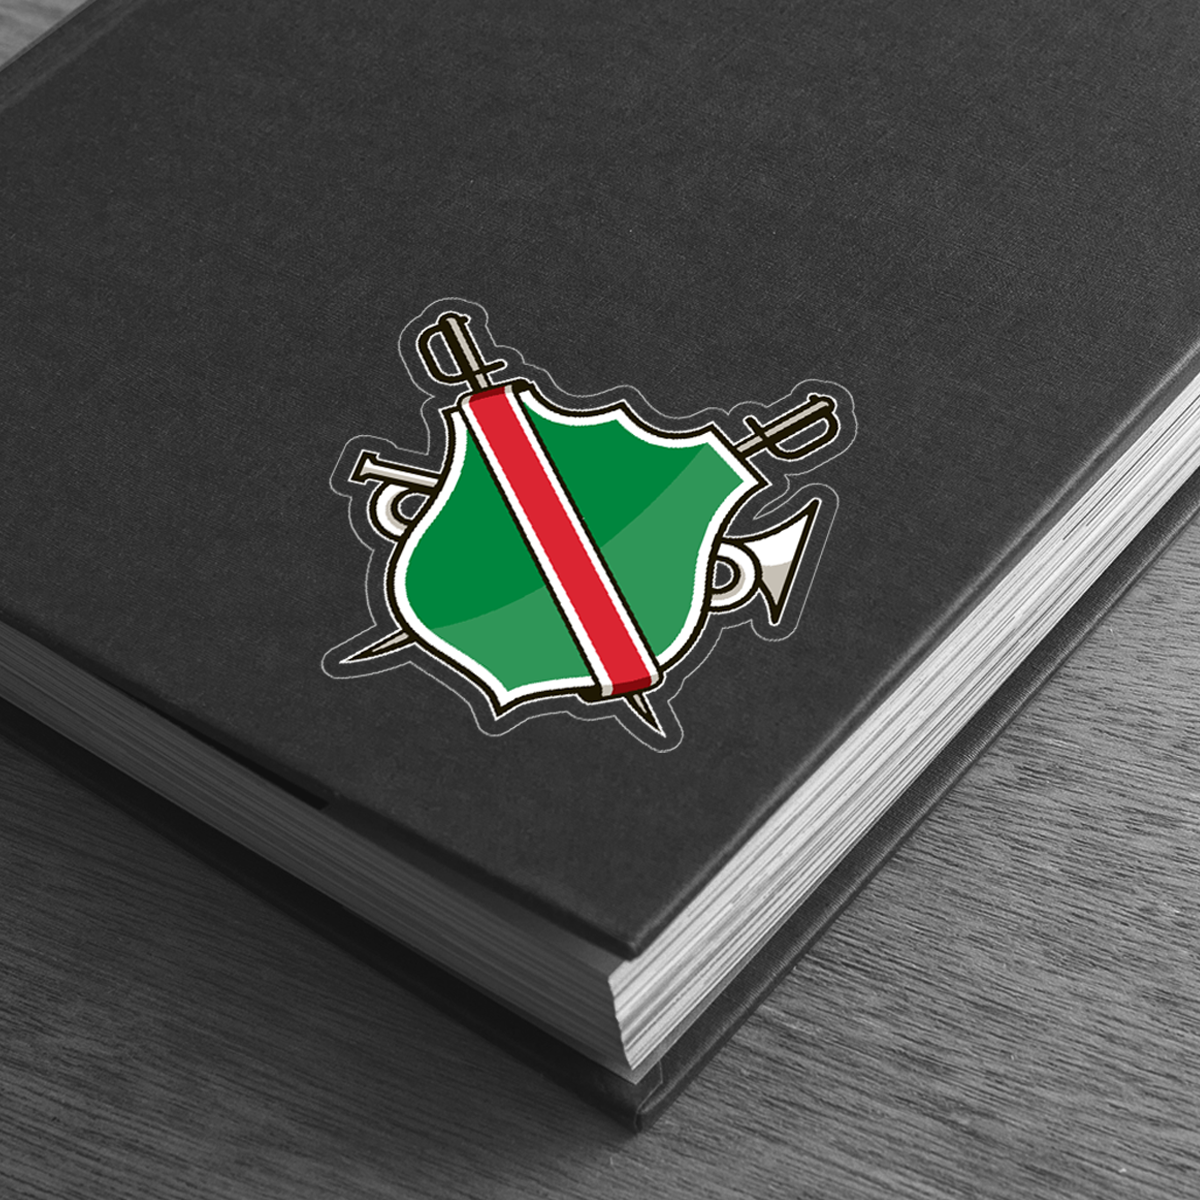 SCV Logo Decal Sticker